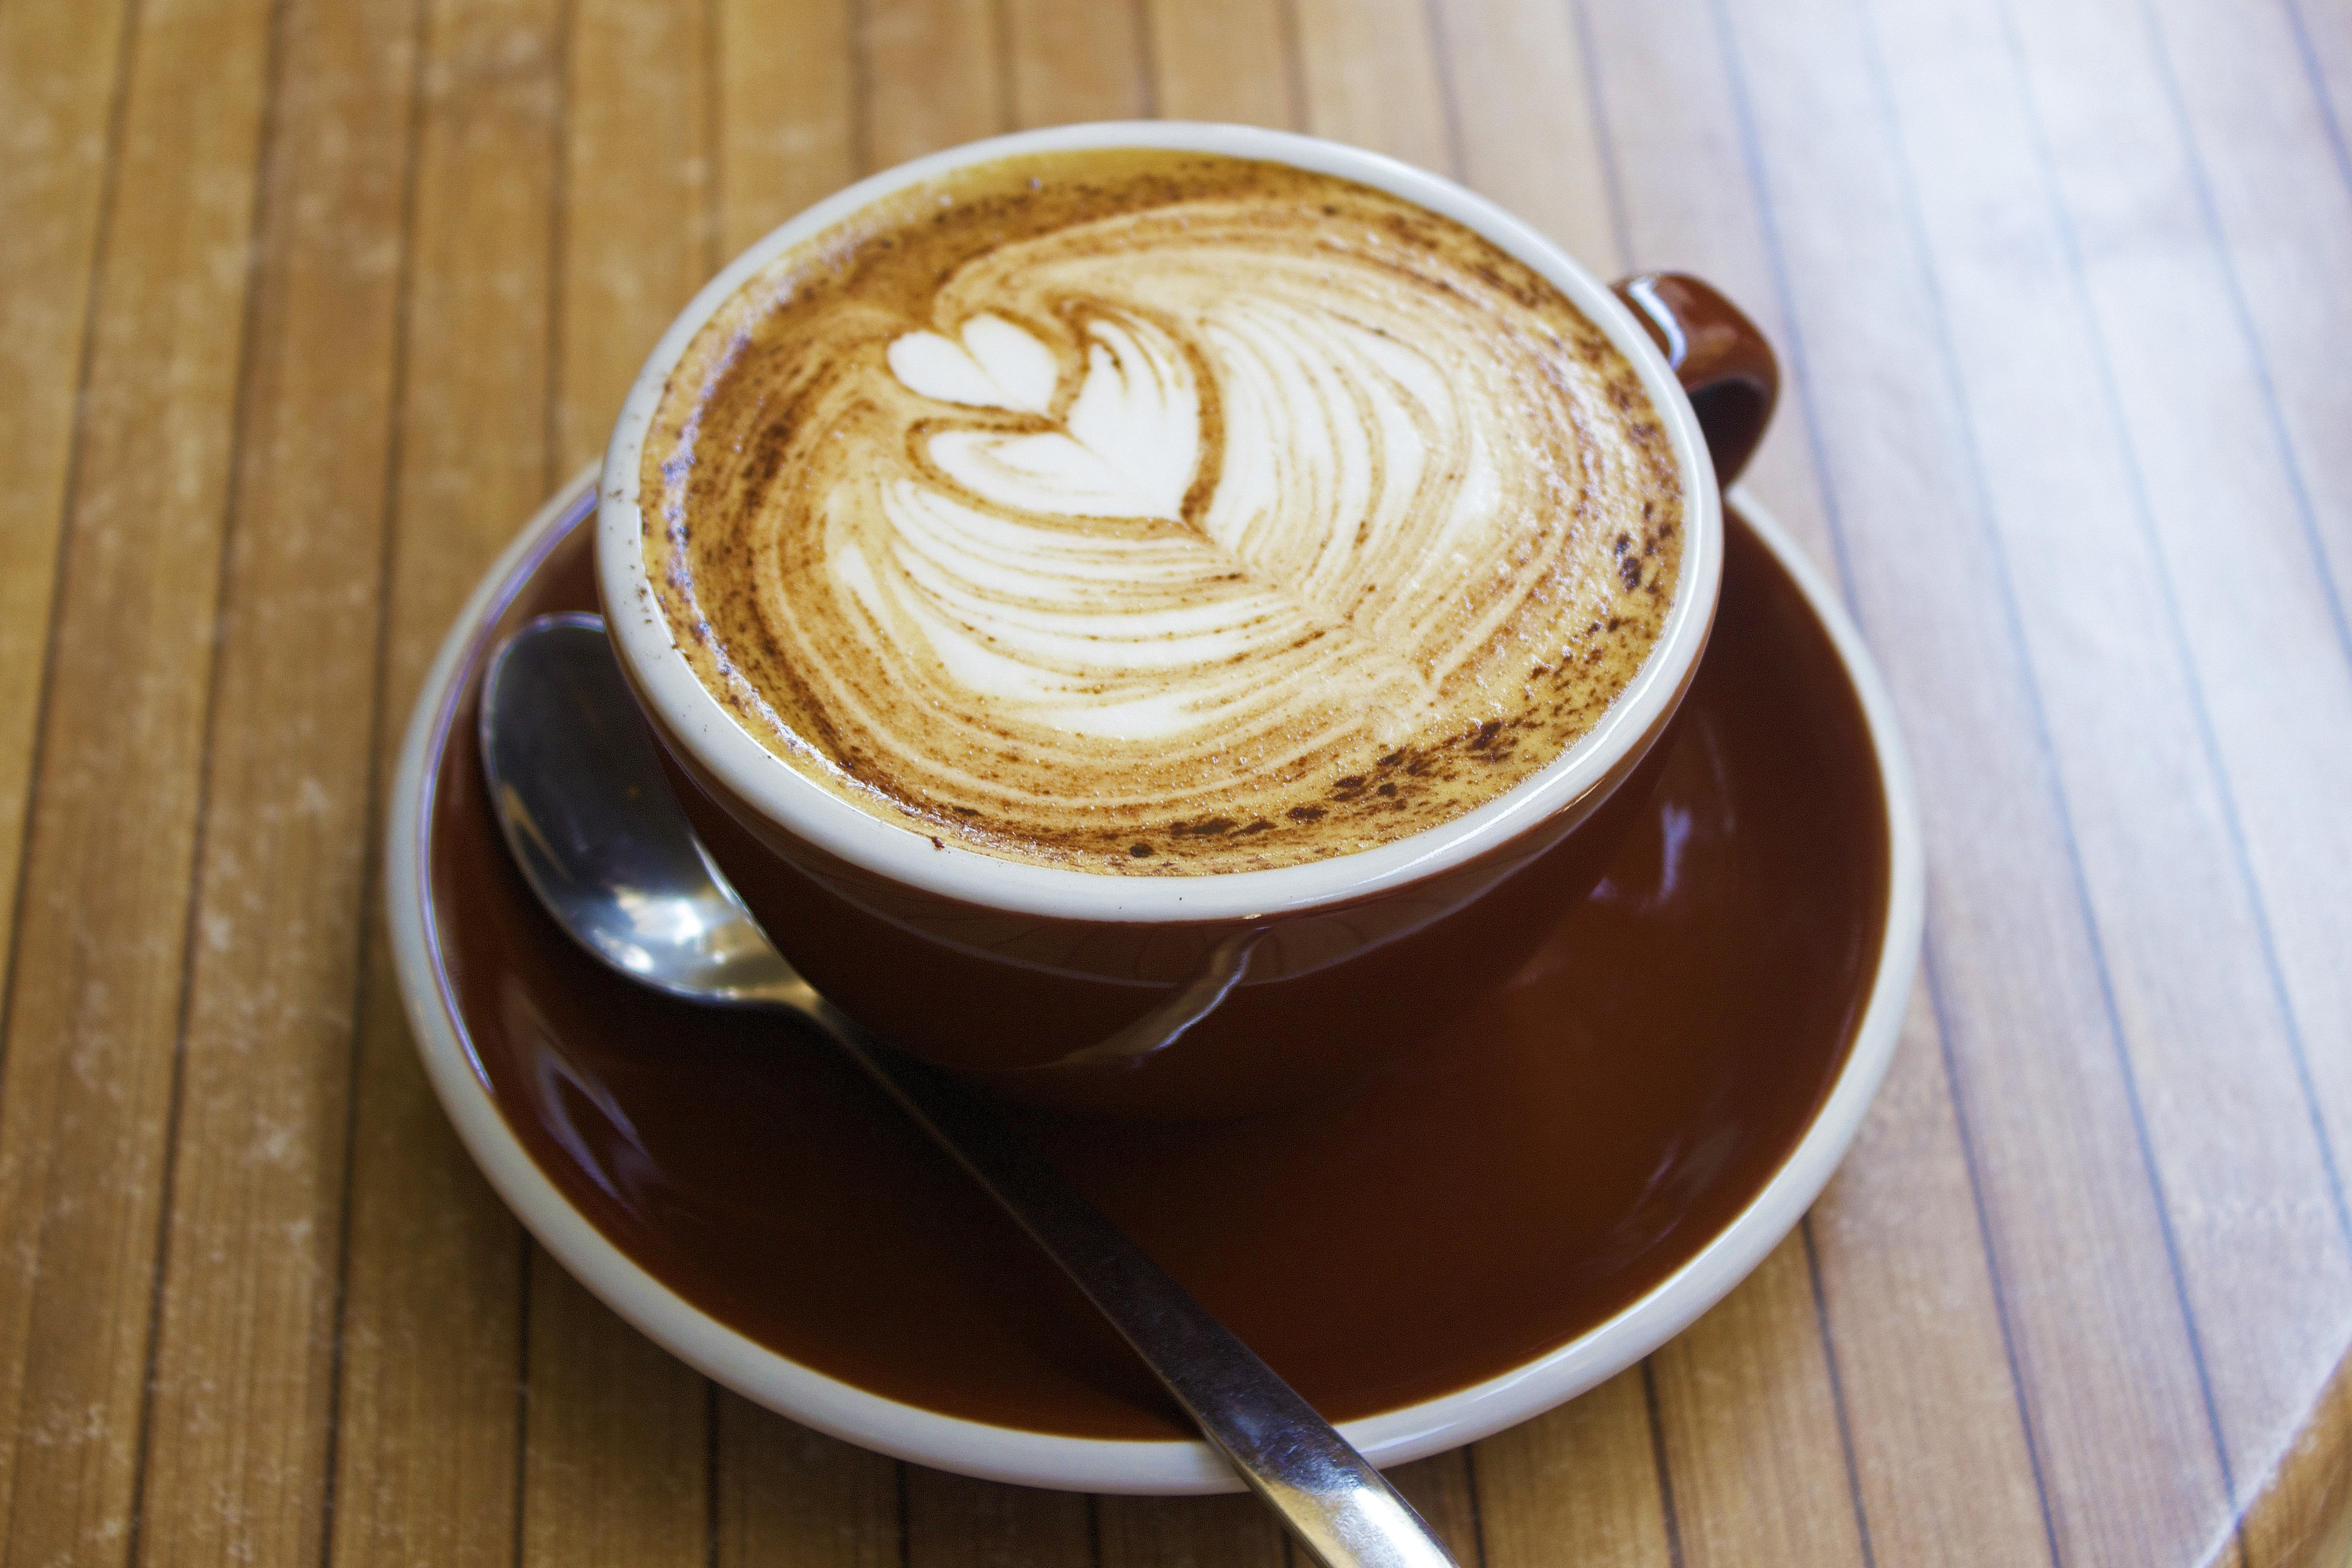 Kostenlose foto tabelle tasse latt cappuccino herz gericht lebensmittel braun getr nk - Bilder cappuccino ...